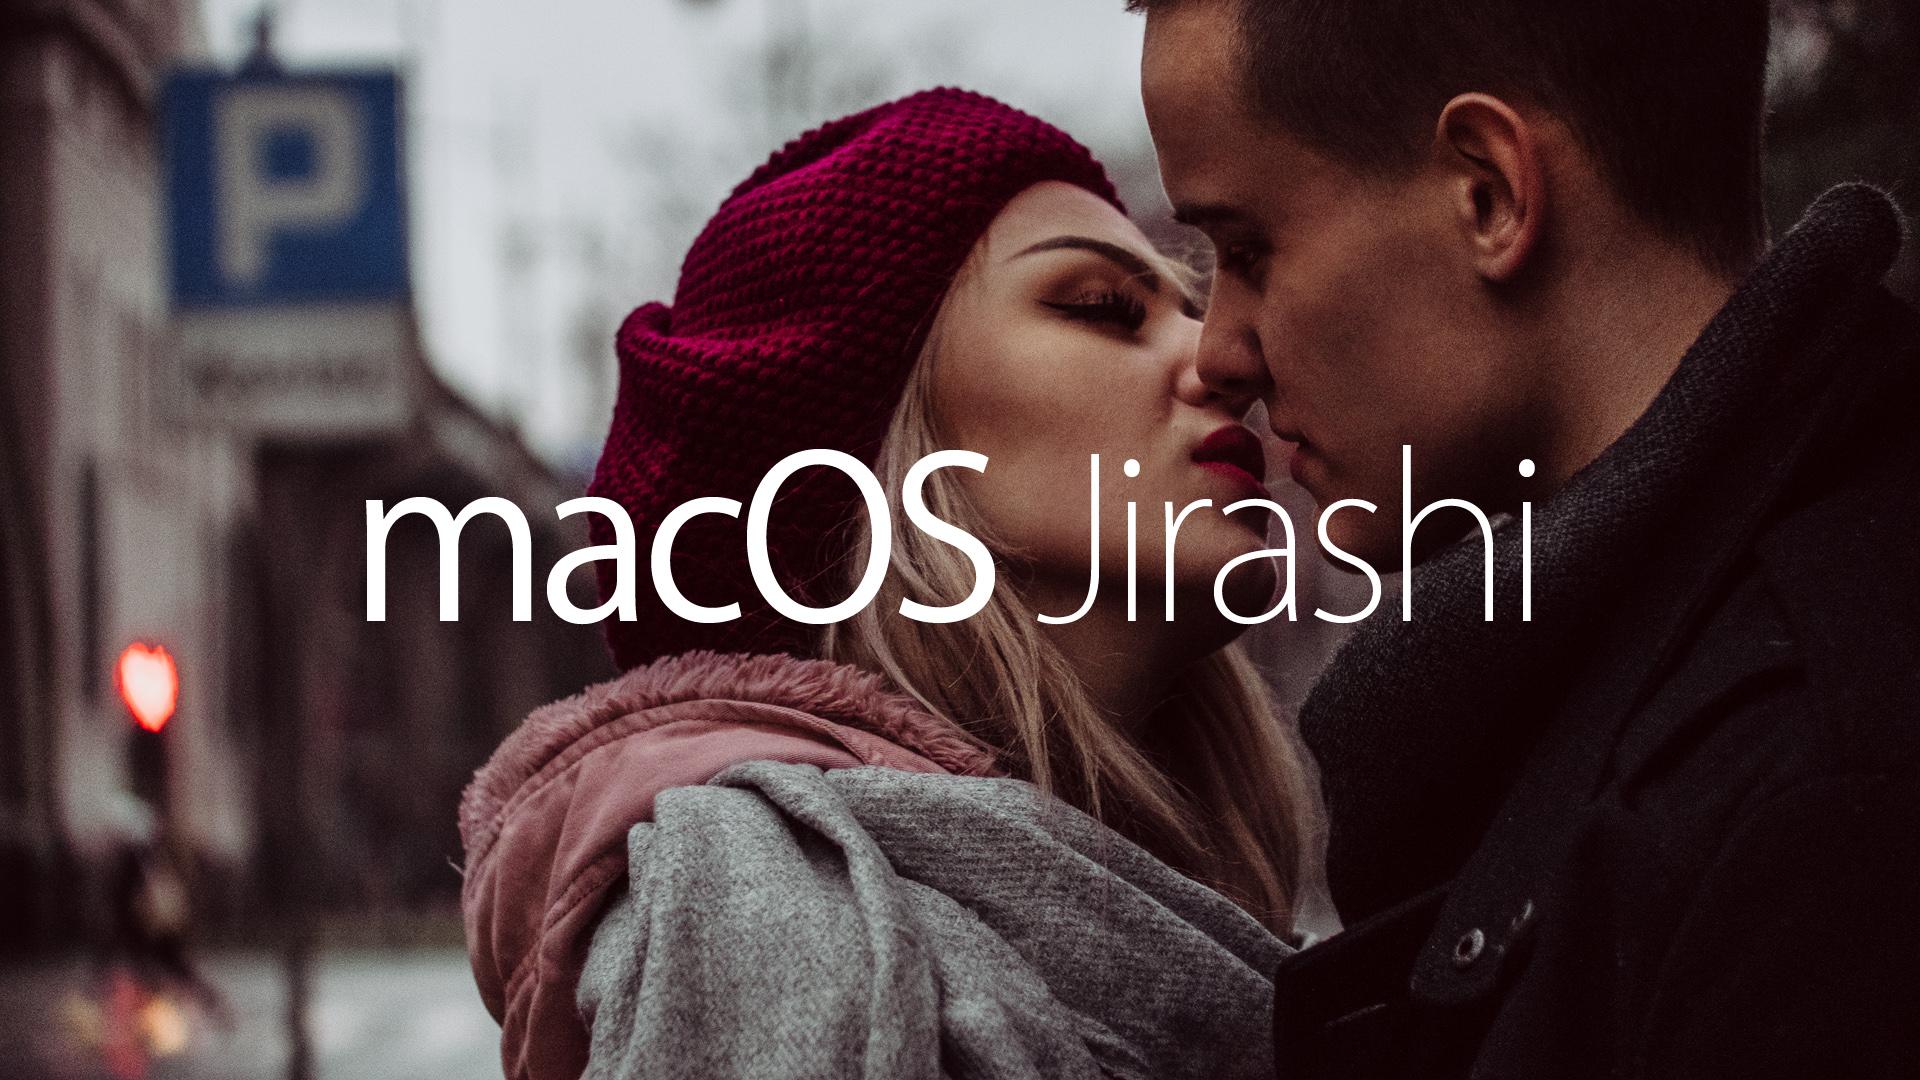 Mac OS Jirashi